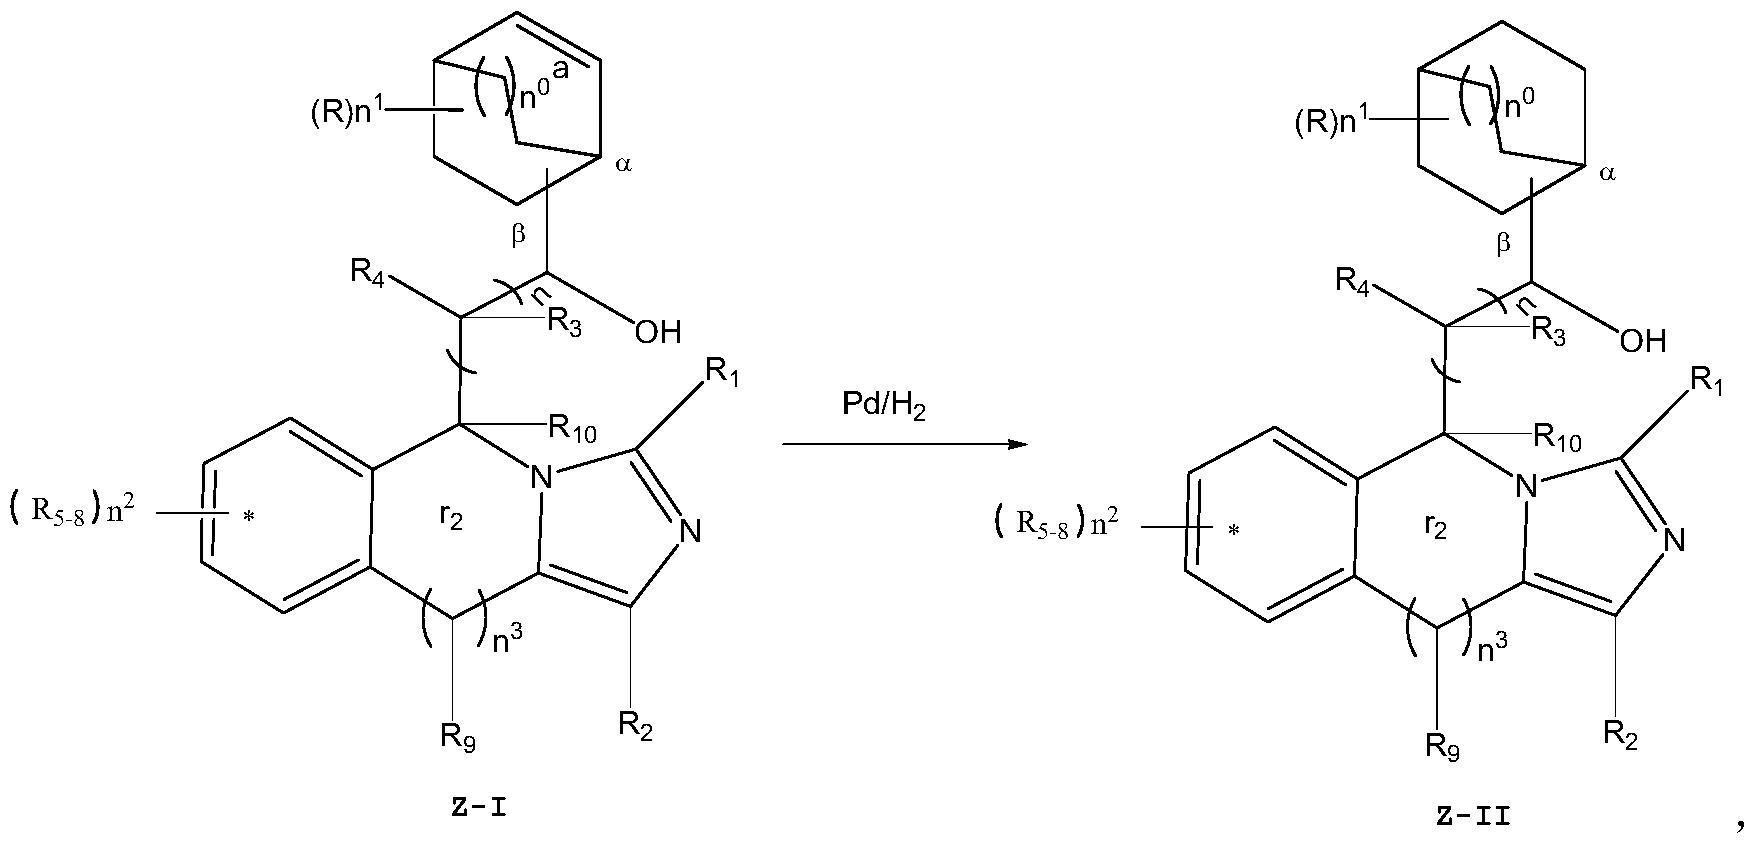 Figure PCTCN2017084604-appb-000047